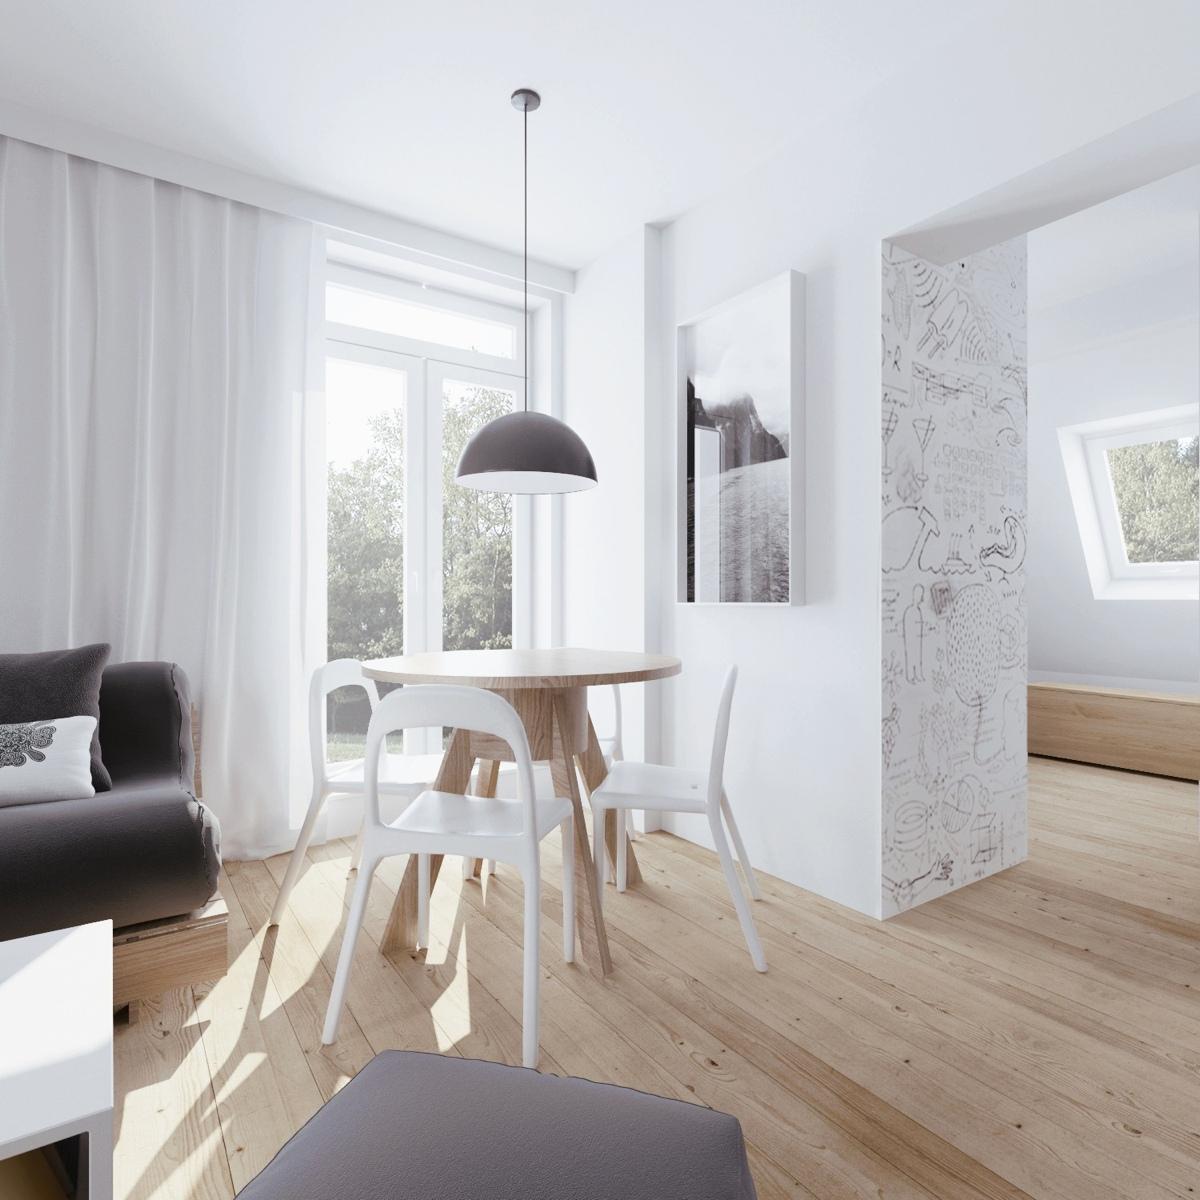 Minimalist Apartment Design With Soft Color Scheme